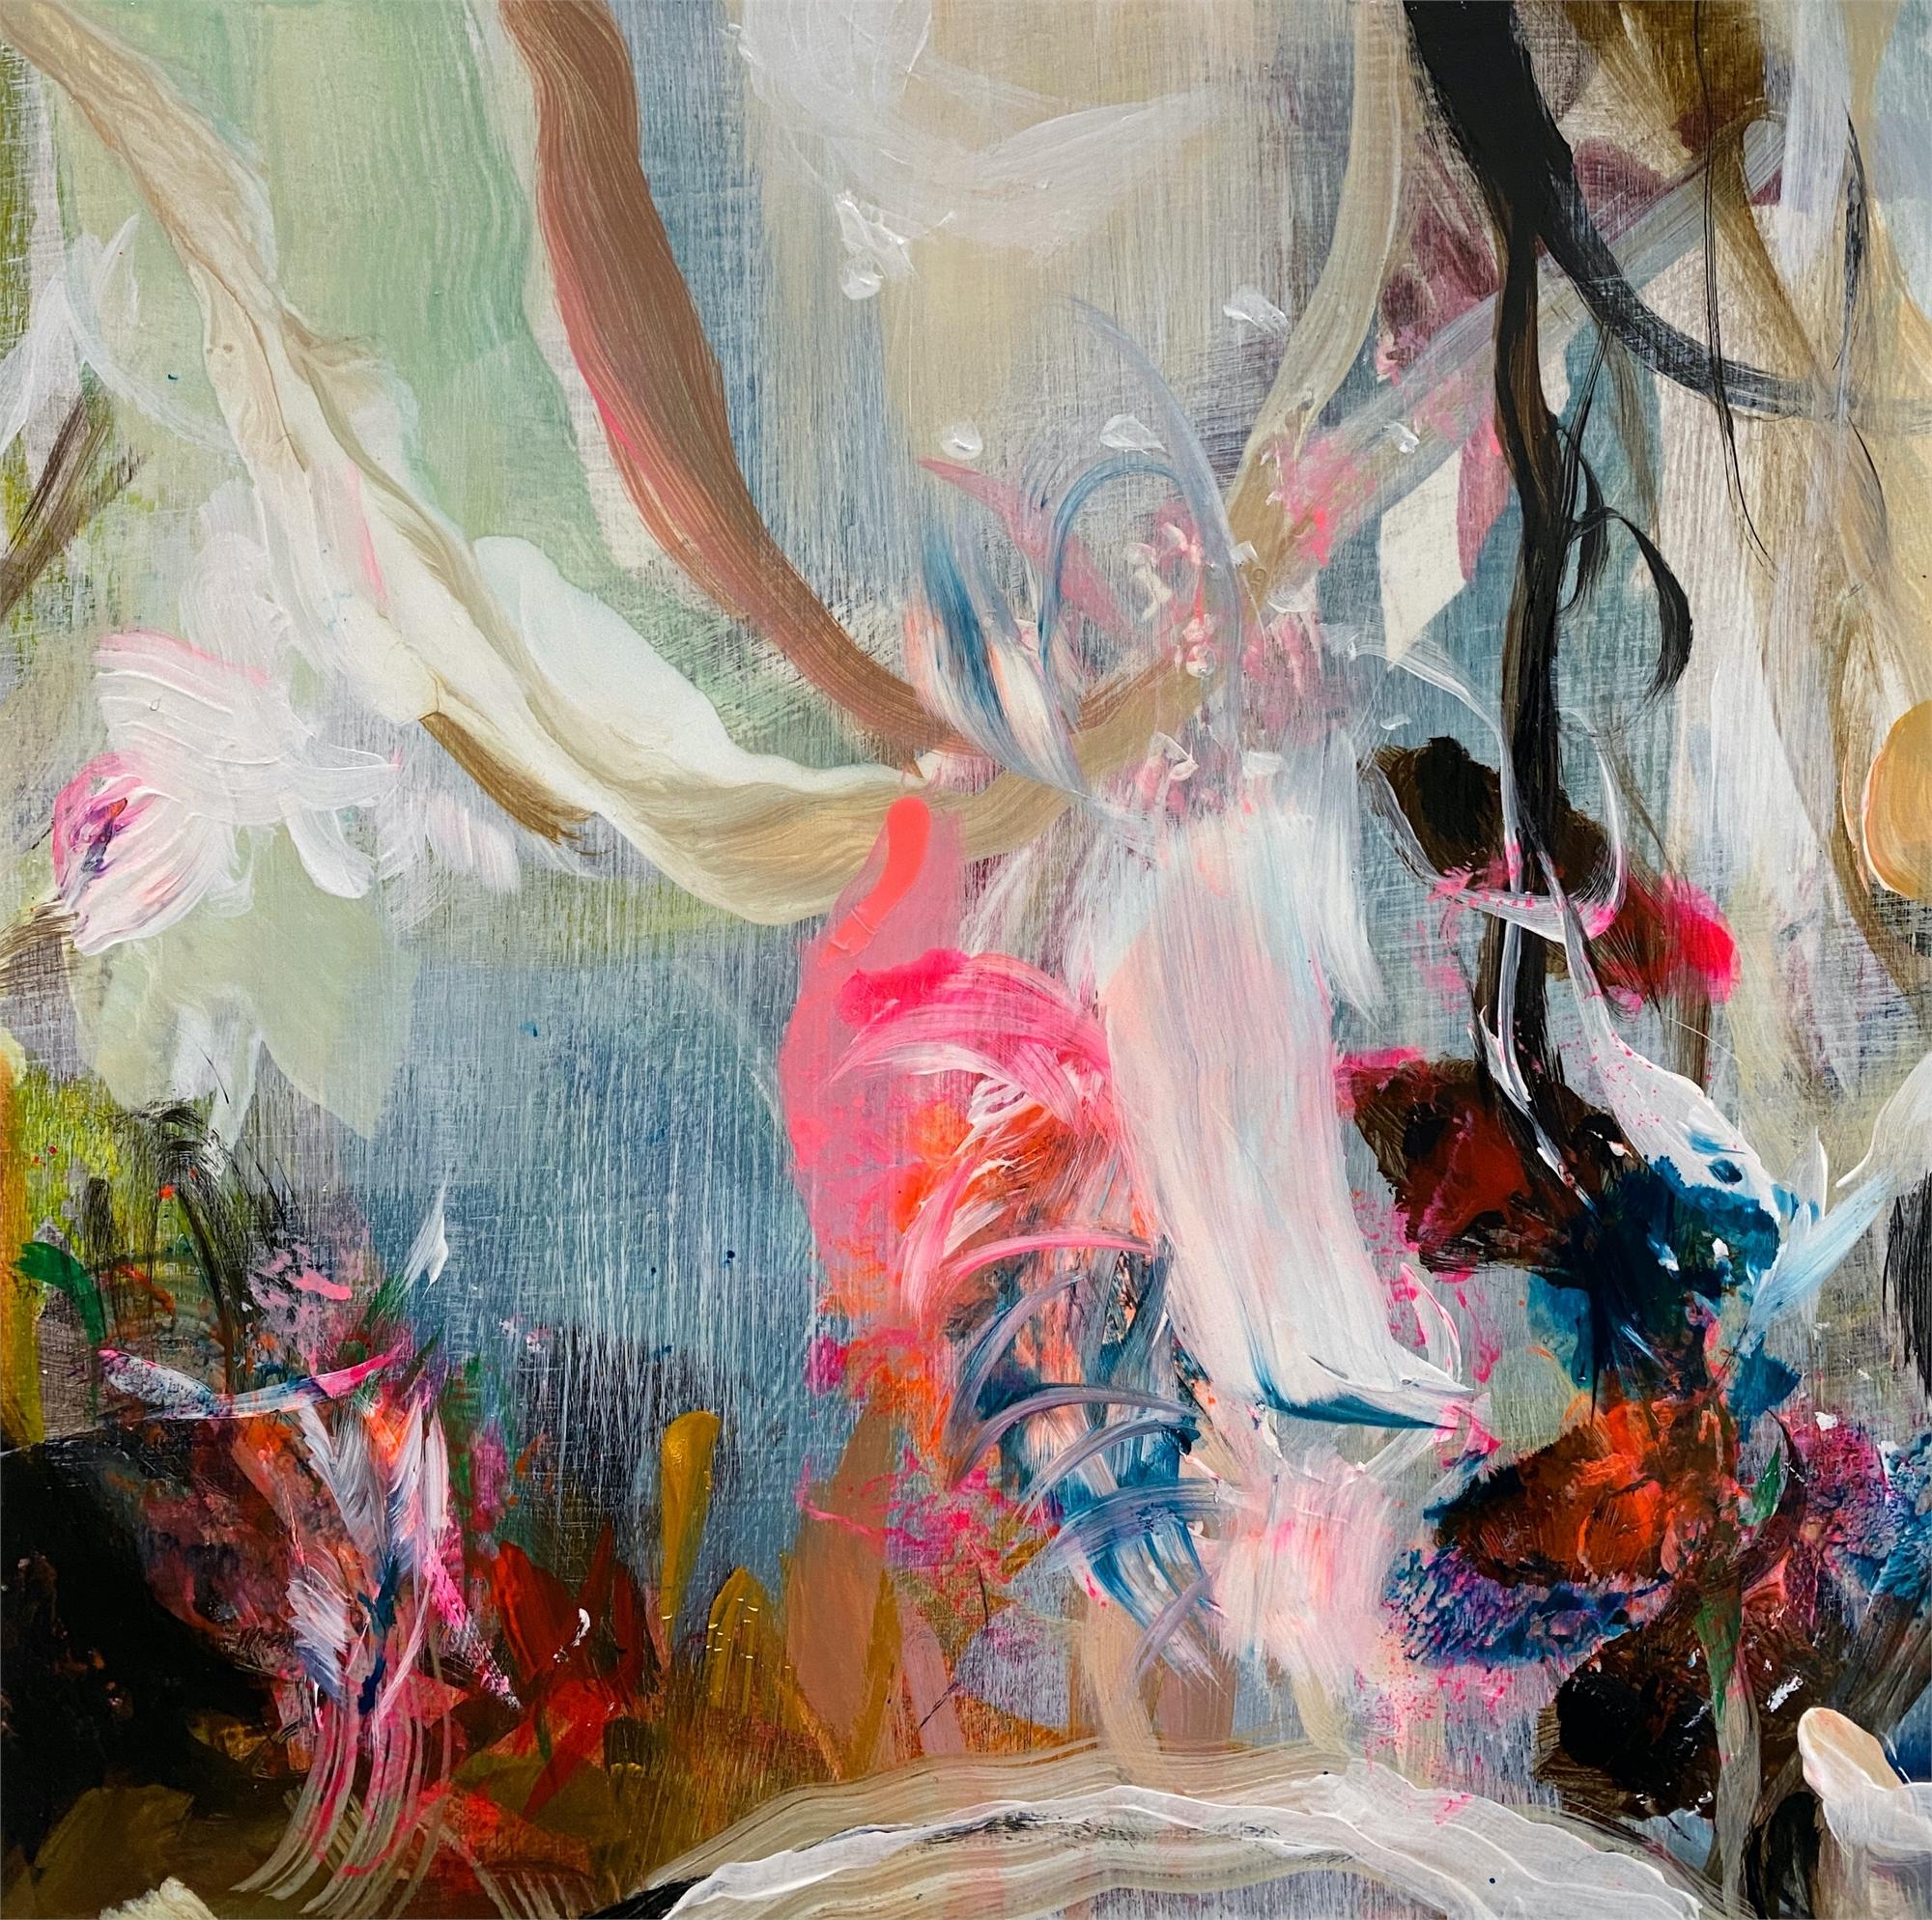 Earthly Delight II by Jennifer JL Jones